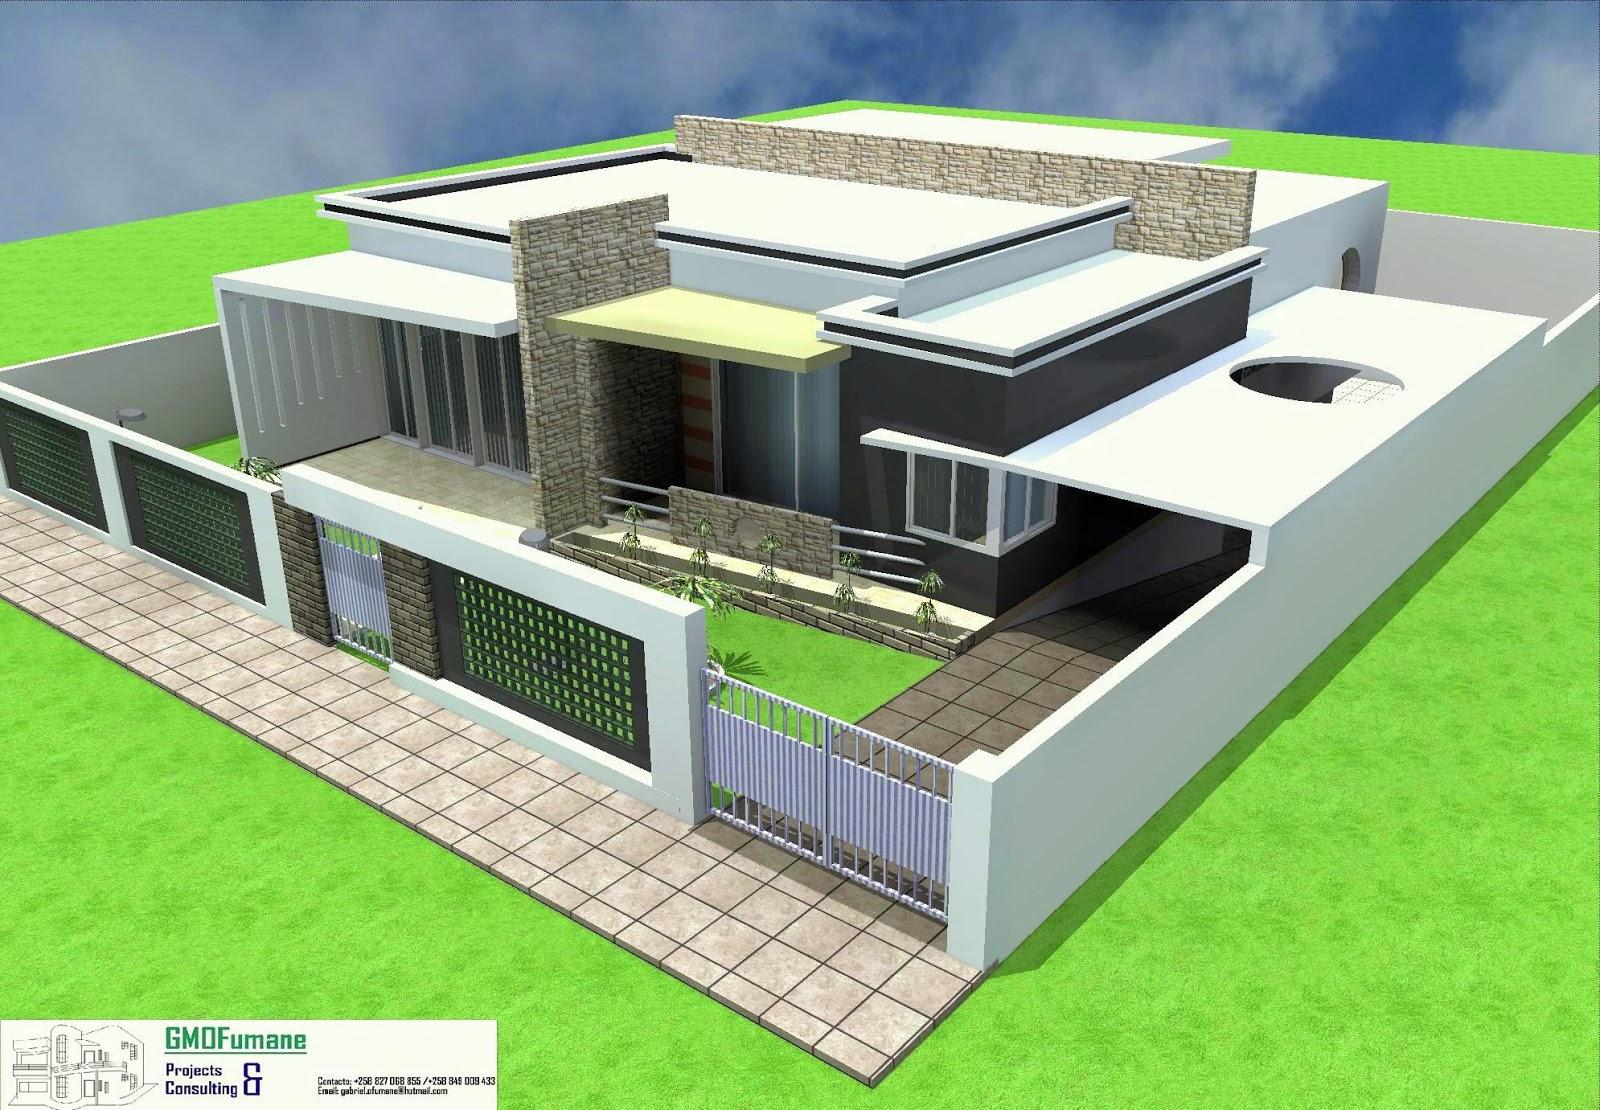 Gmofumane projectos e consultoria casa tipo 3 com cave for Plantas de casas tipo 3 modernas